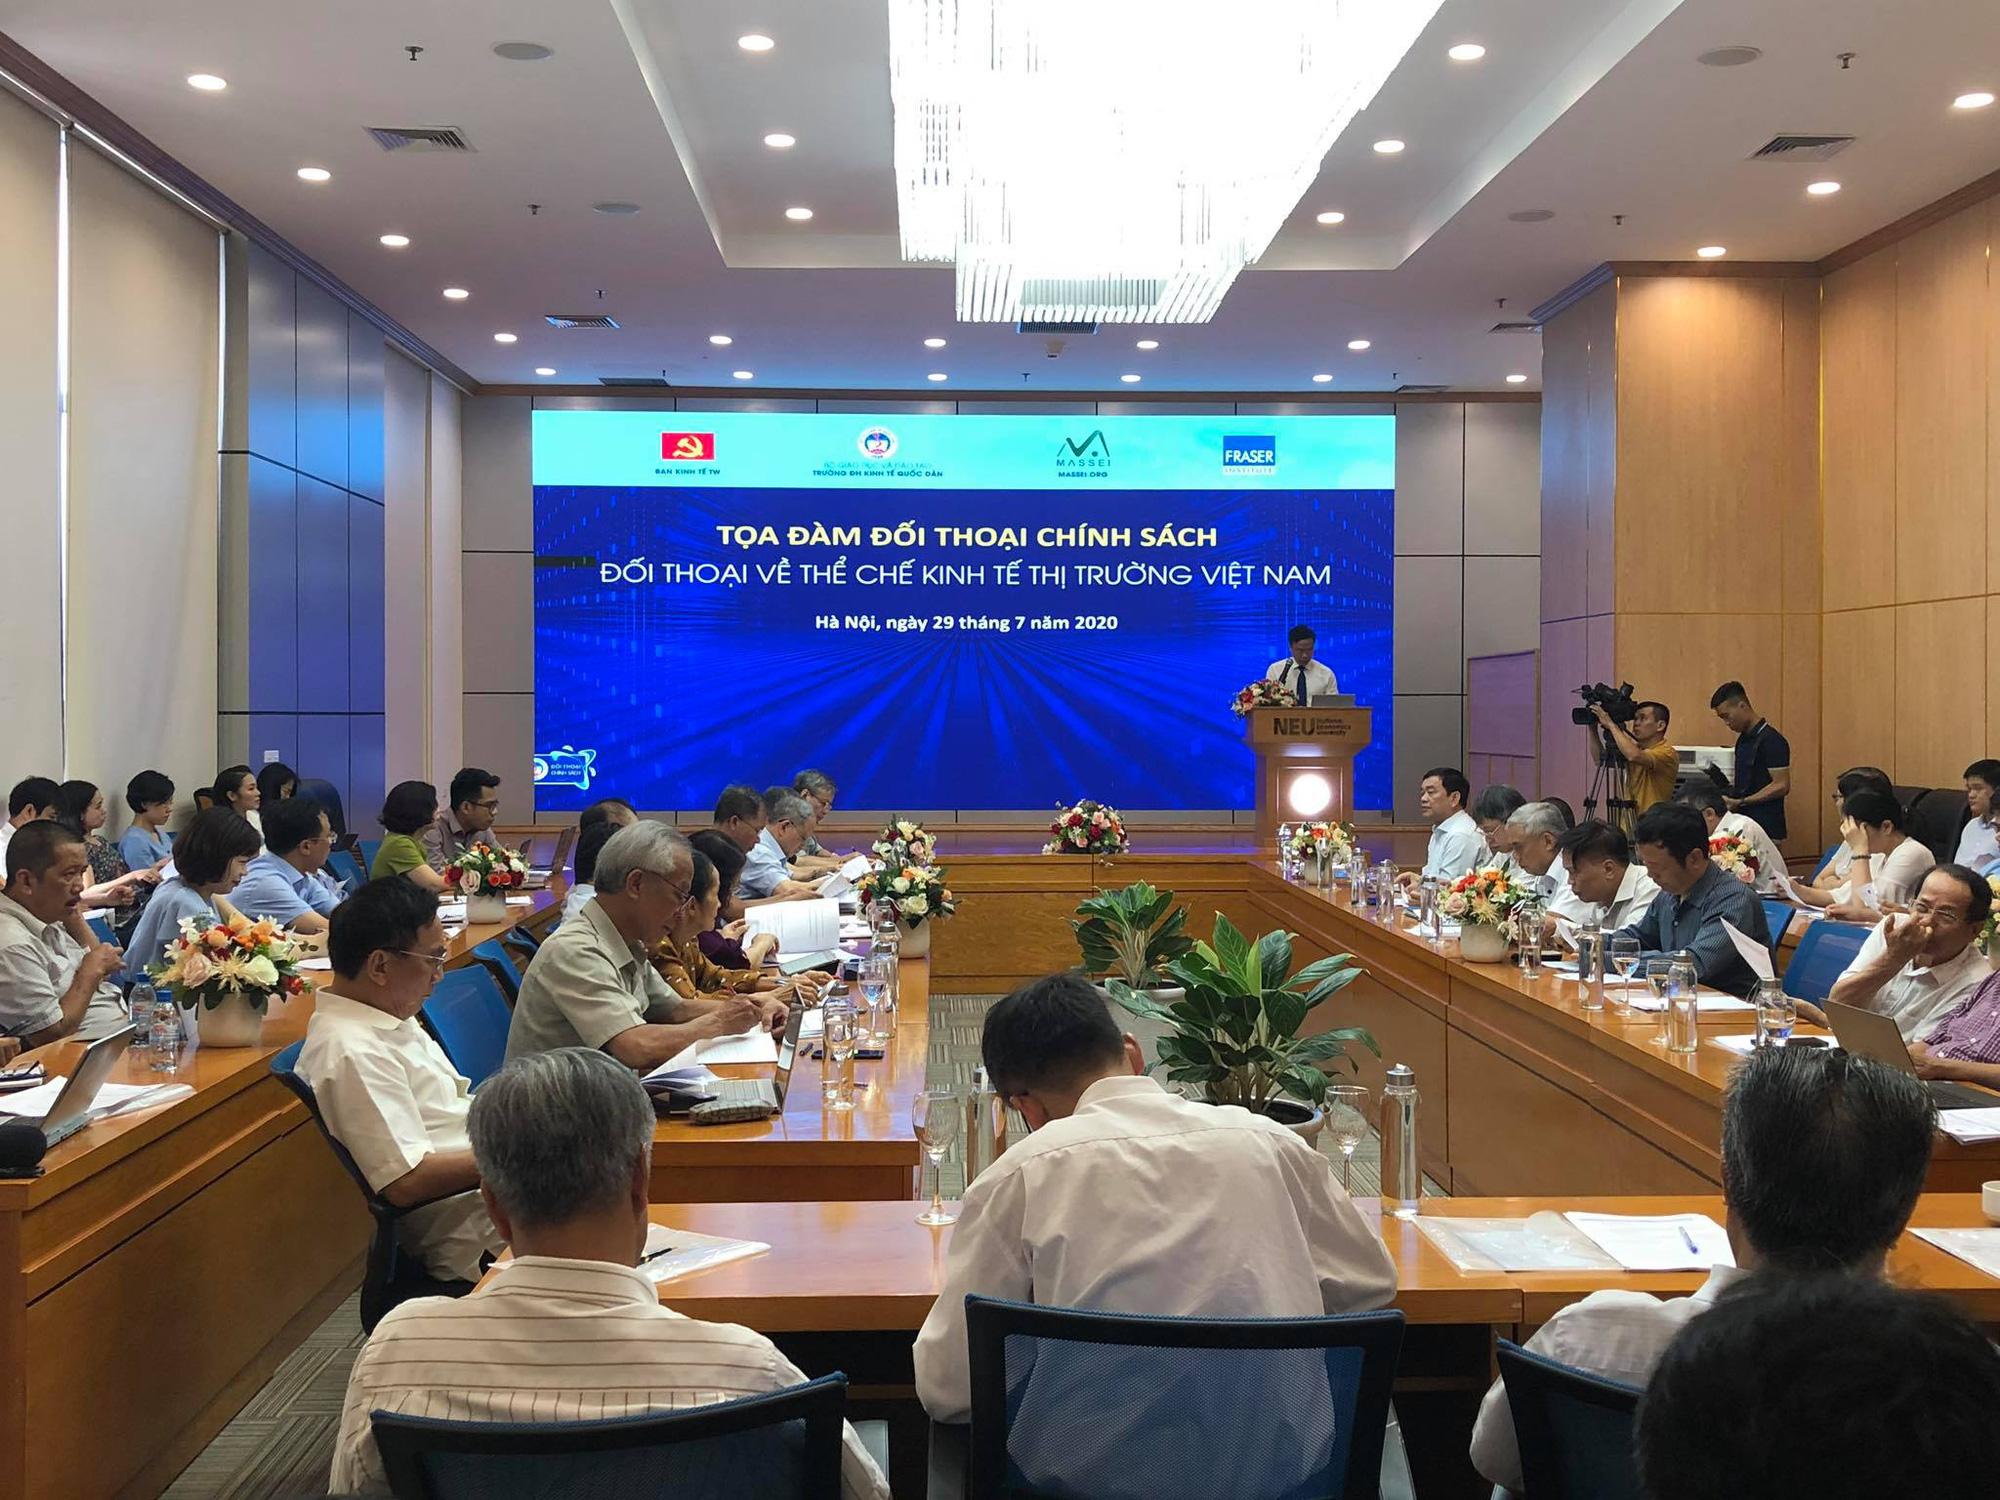 TS. Nguyễn Đình Cung chỉ ra cách thức bảo vệ quyền và lợi ích hợp pháp của nông dân - Ảnh 1.